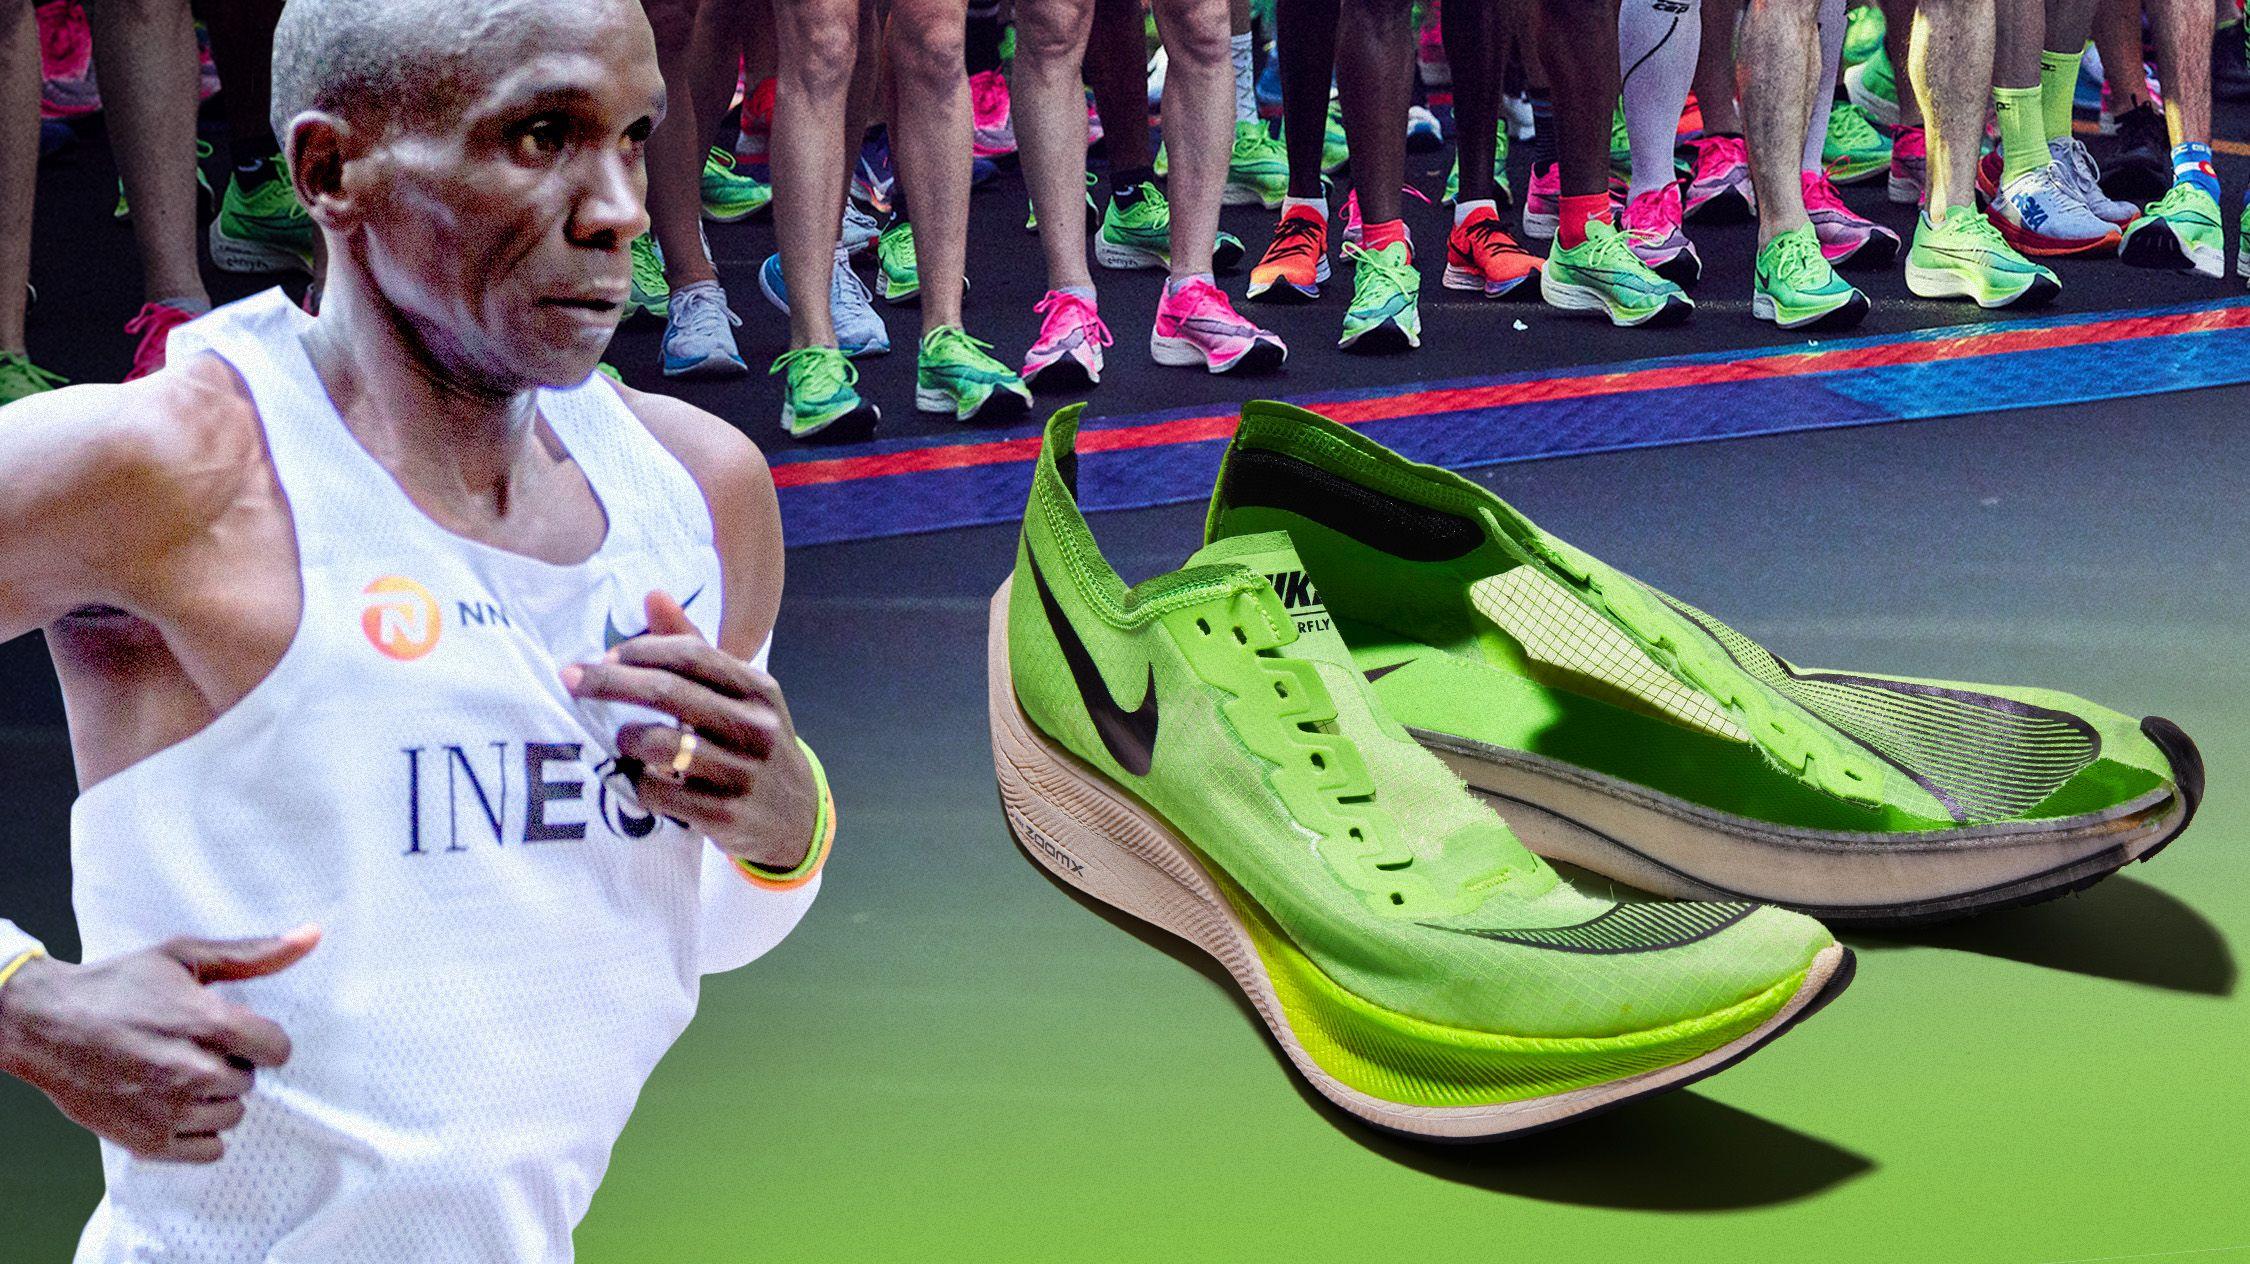 Nike Vaporfly niet verboden, de Alphafly wel